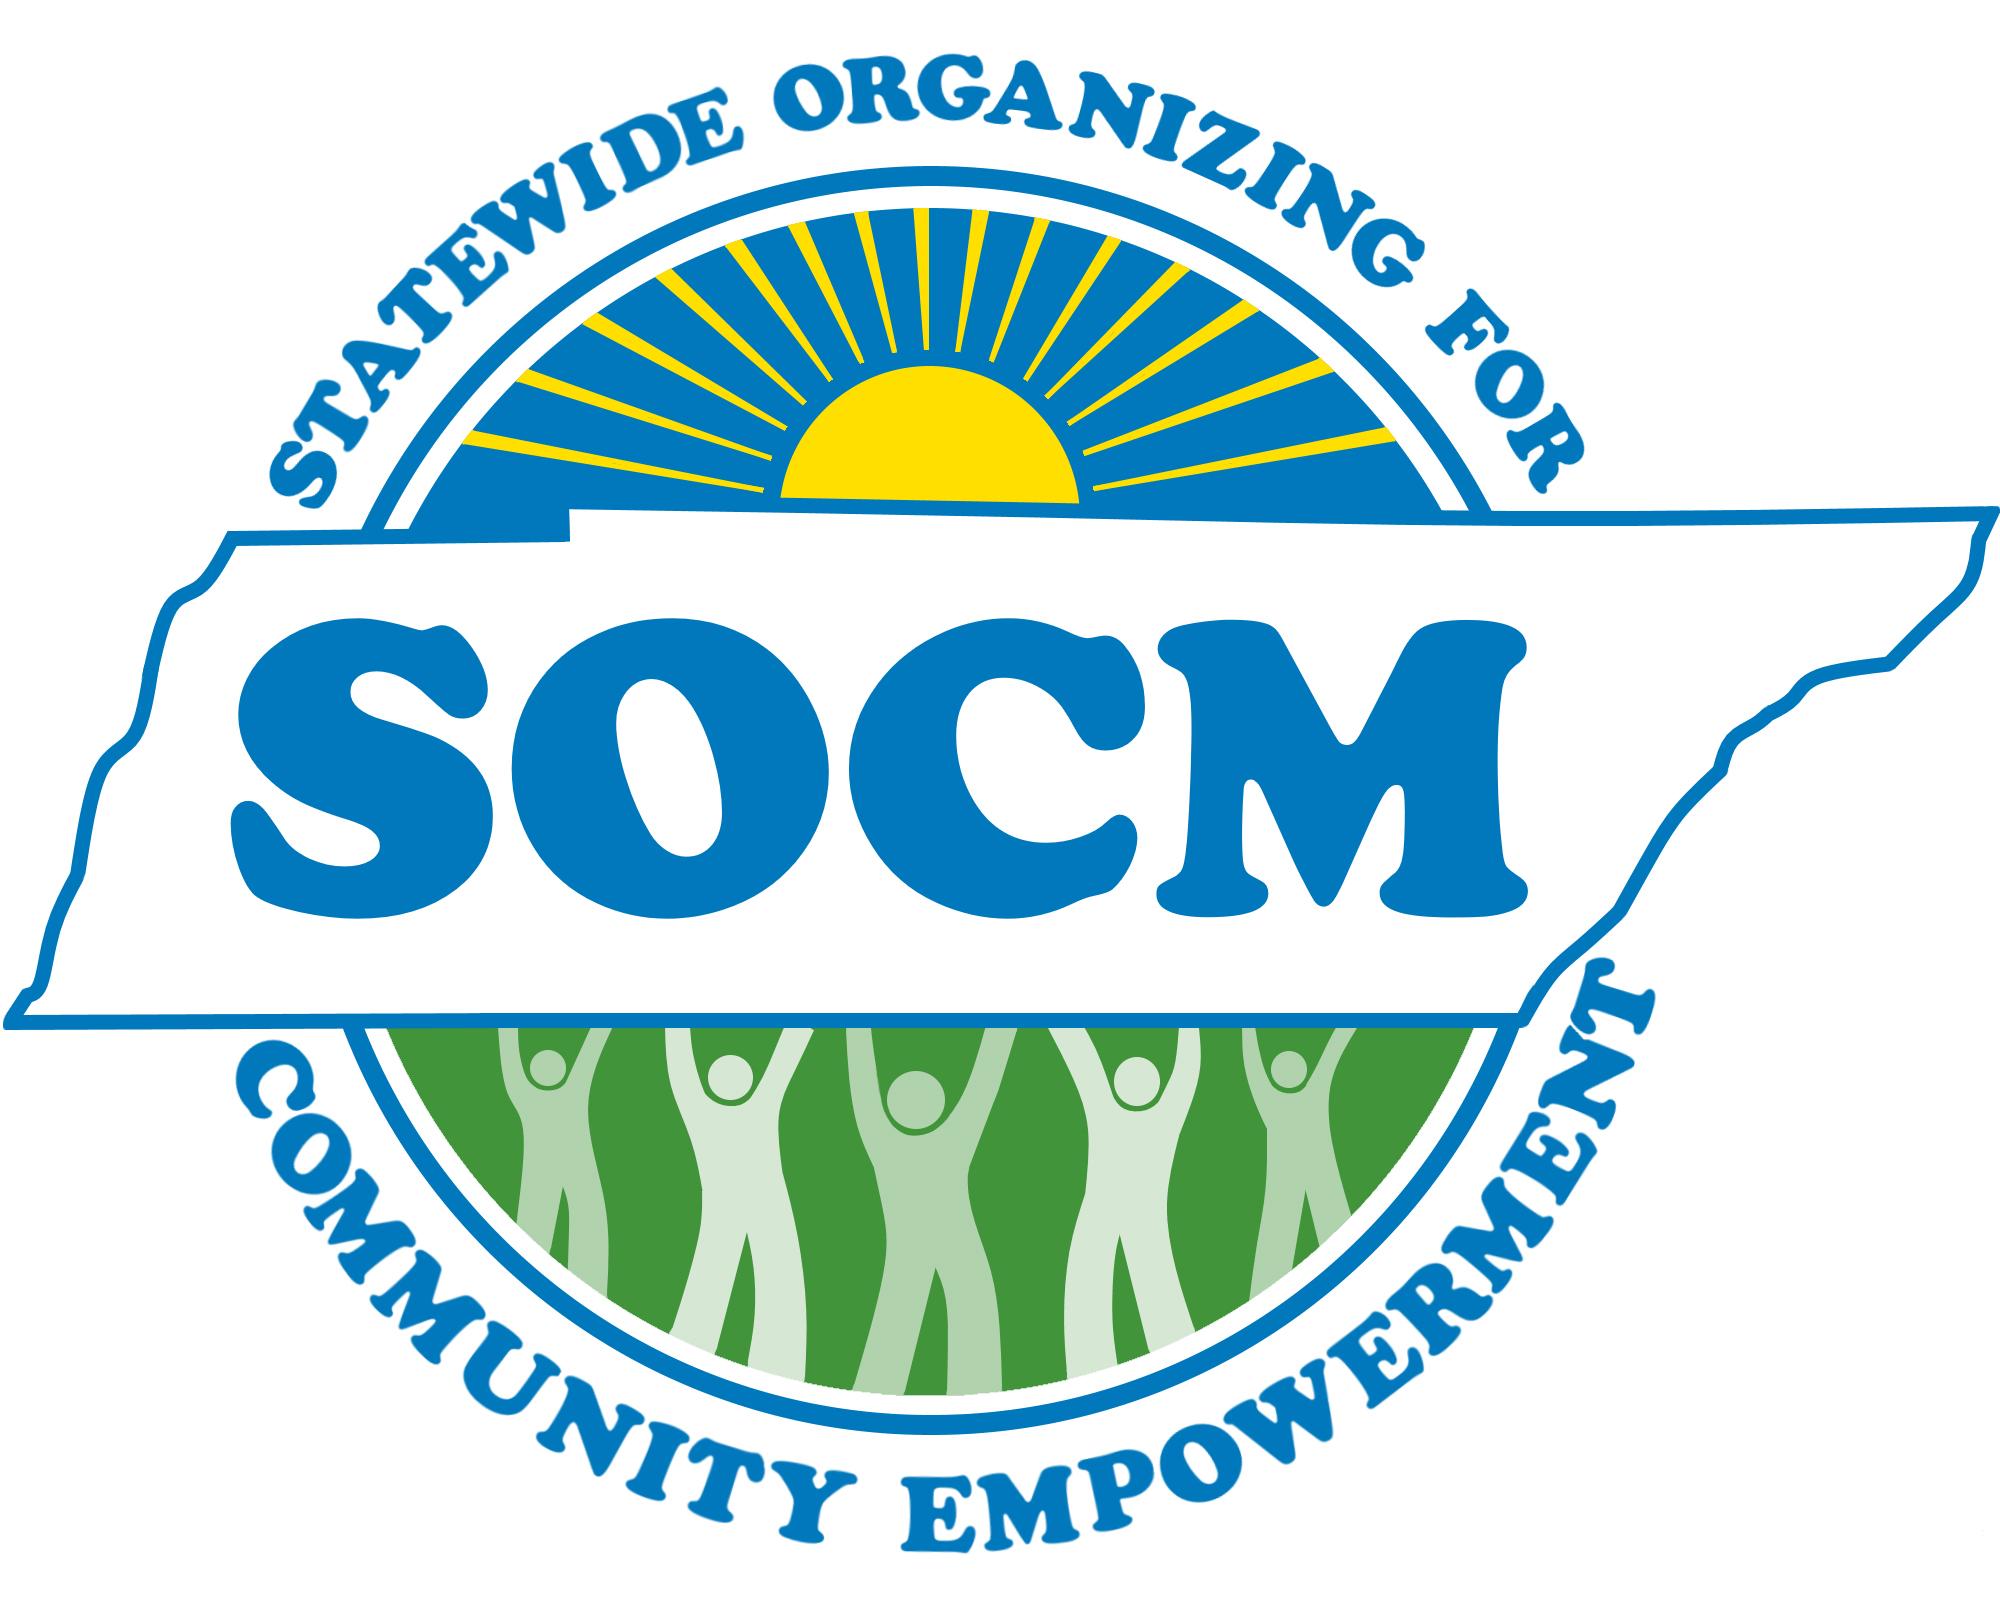 socm-logo